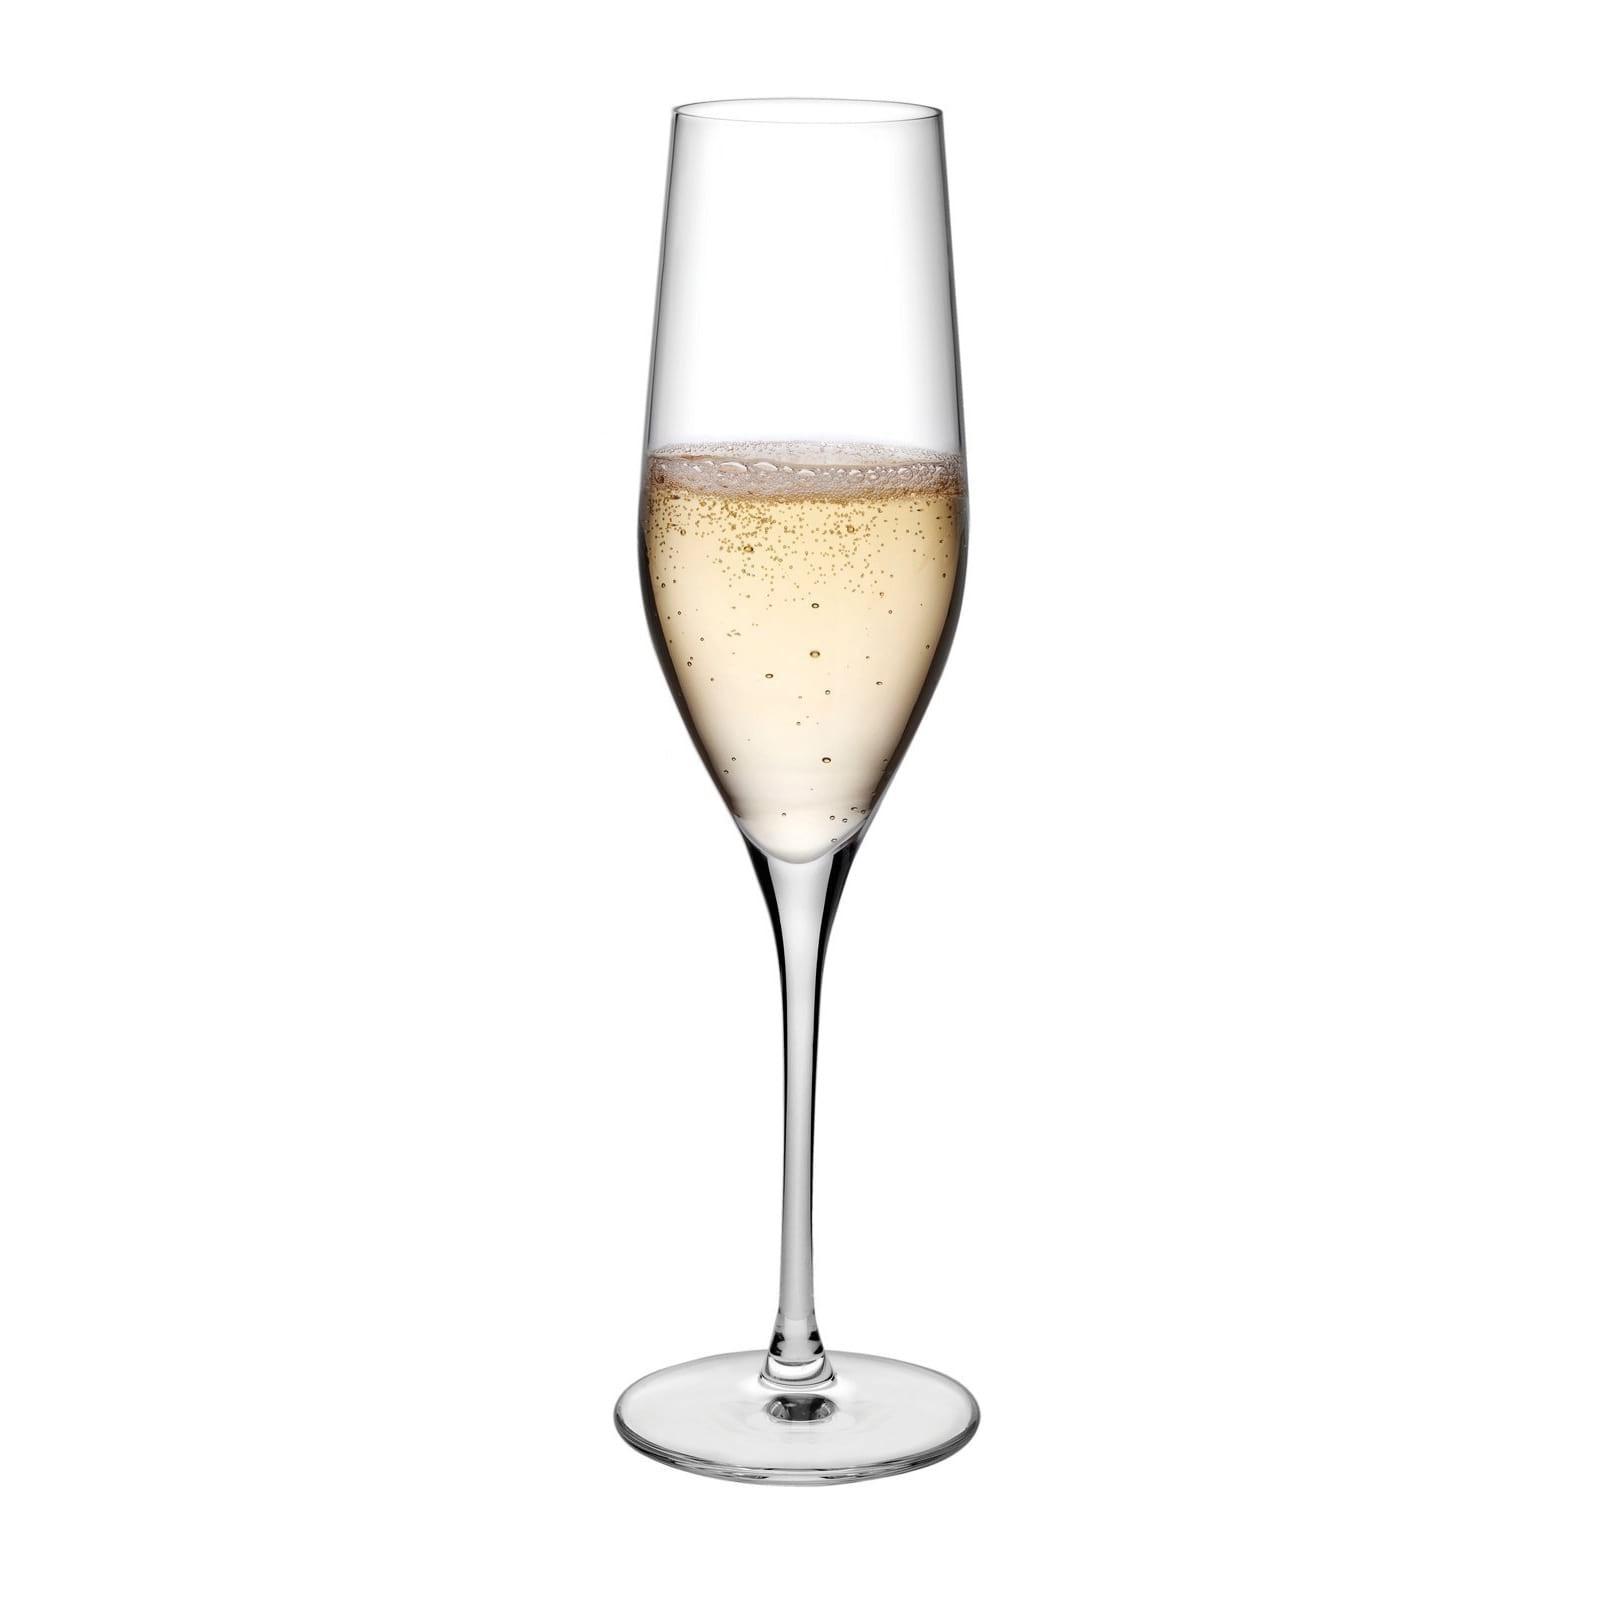 Vinifera Champagne Glasses 255 ml (Set of 6) - Nude Glass